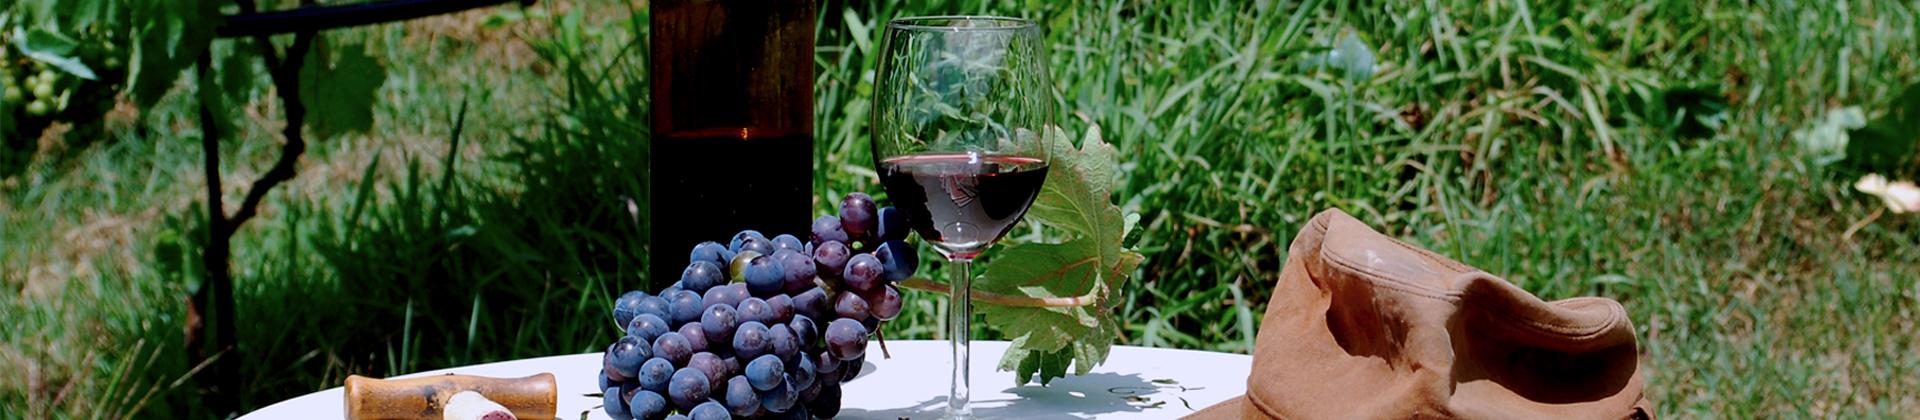 vino_banner.jpg